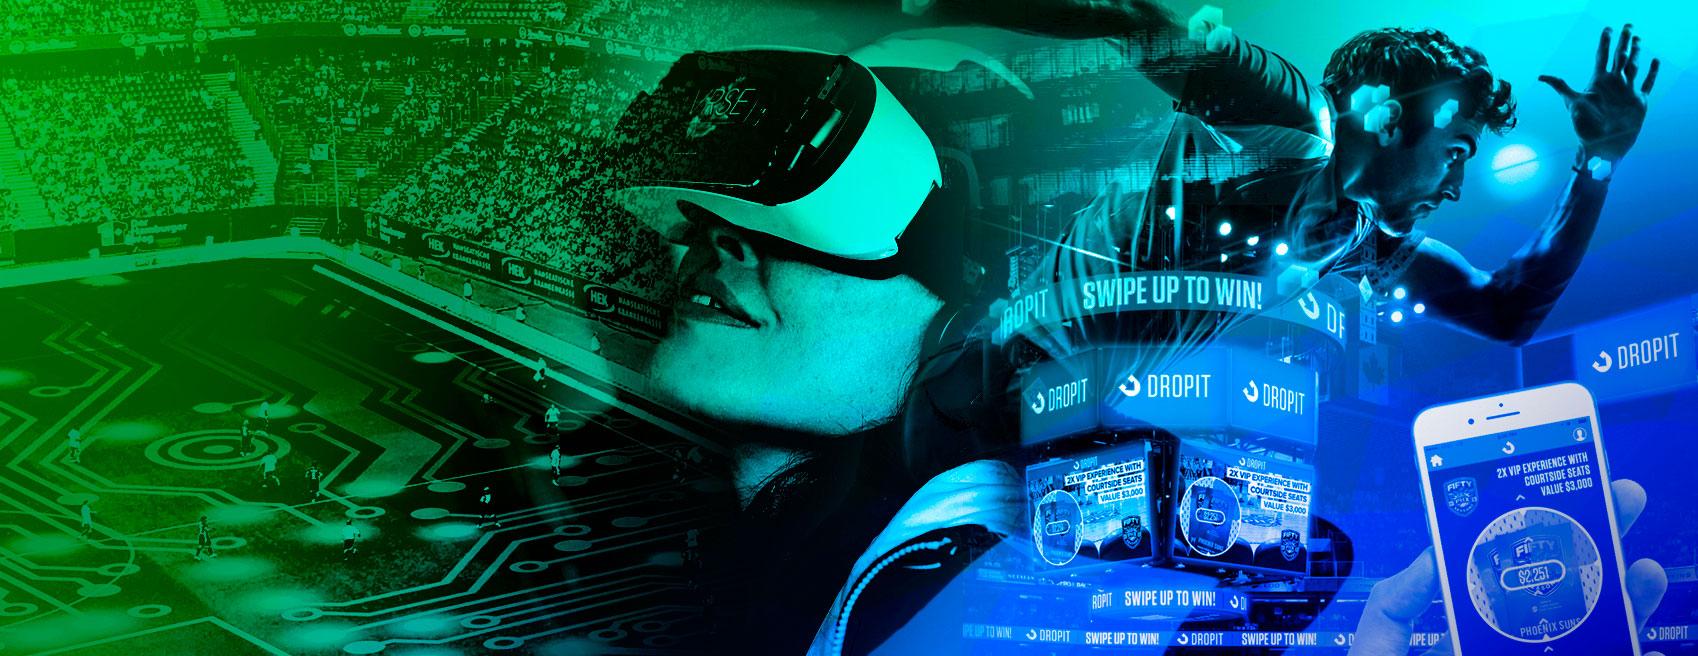 Российский технопрогресс в спорте: нейроинтерфейсы, IP-камеры, спортивные CRM и BigData из гоночного болида